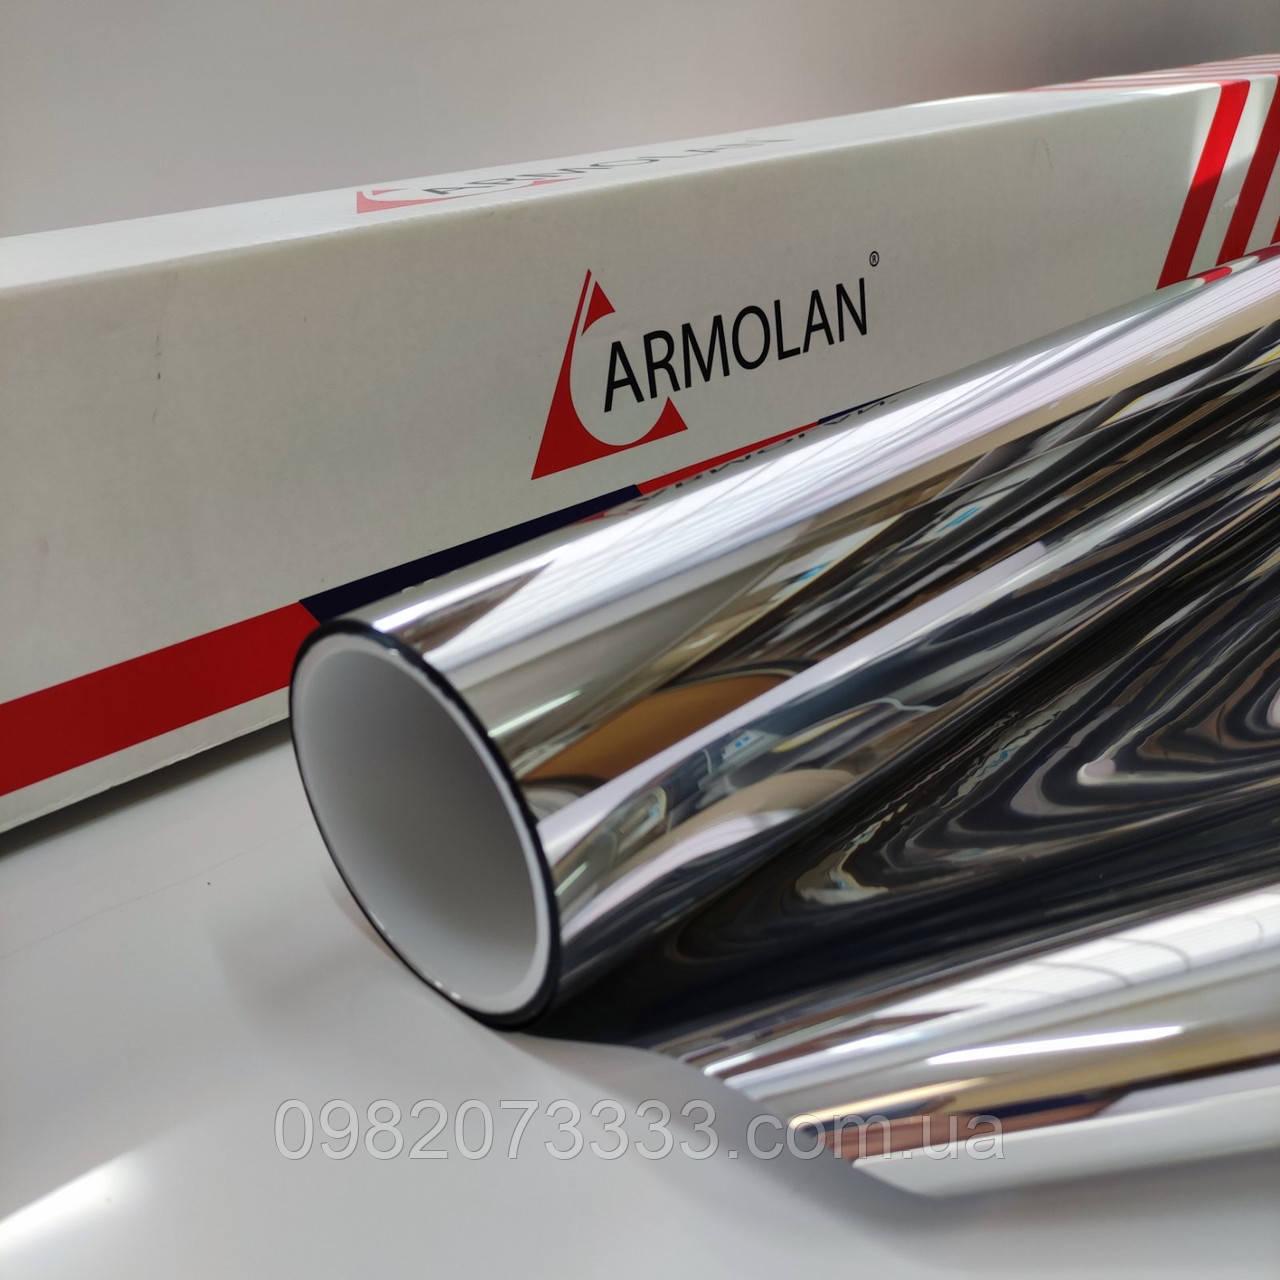 Сонцезахисна плівка Armolan Silver 15% USA дзеркальна для тонування вікон. Ціна за розмір 150х100см.